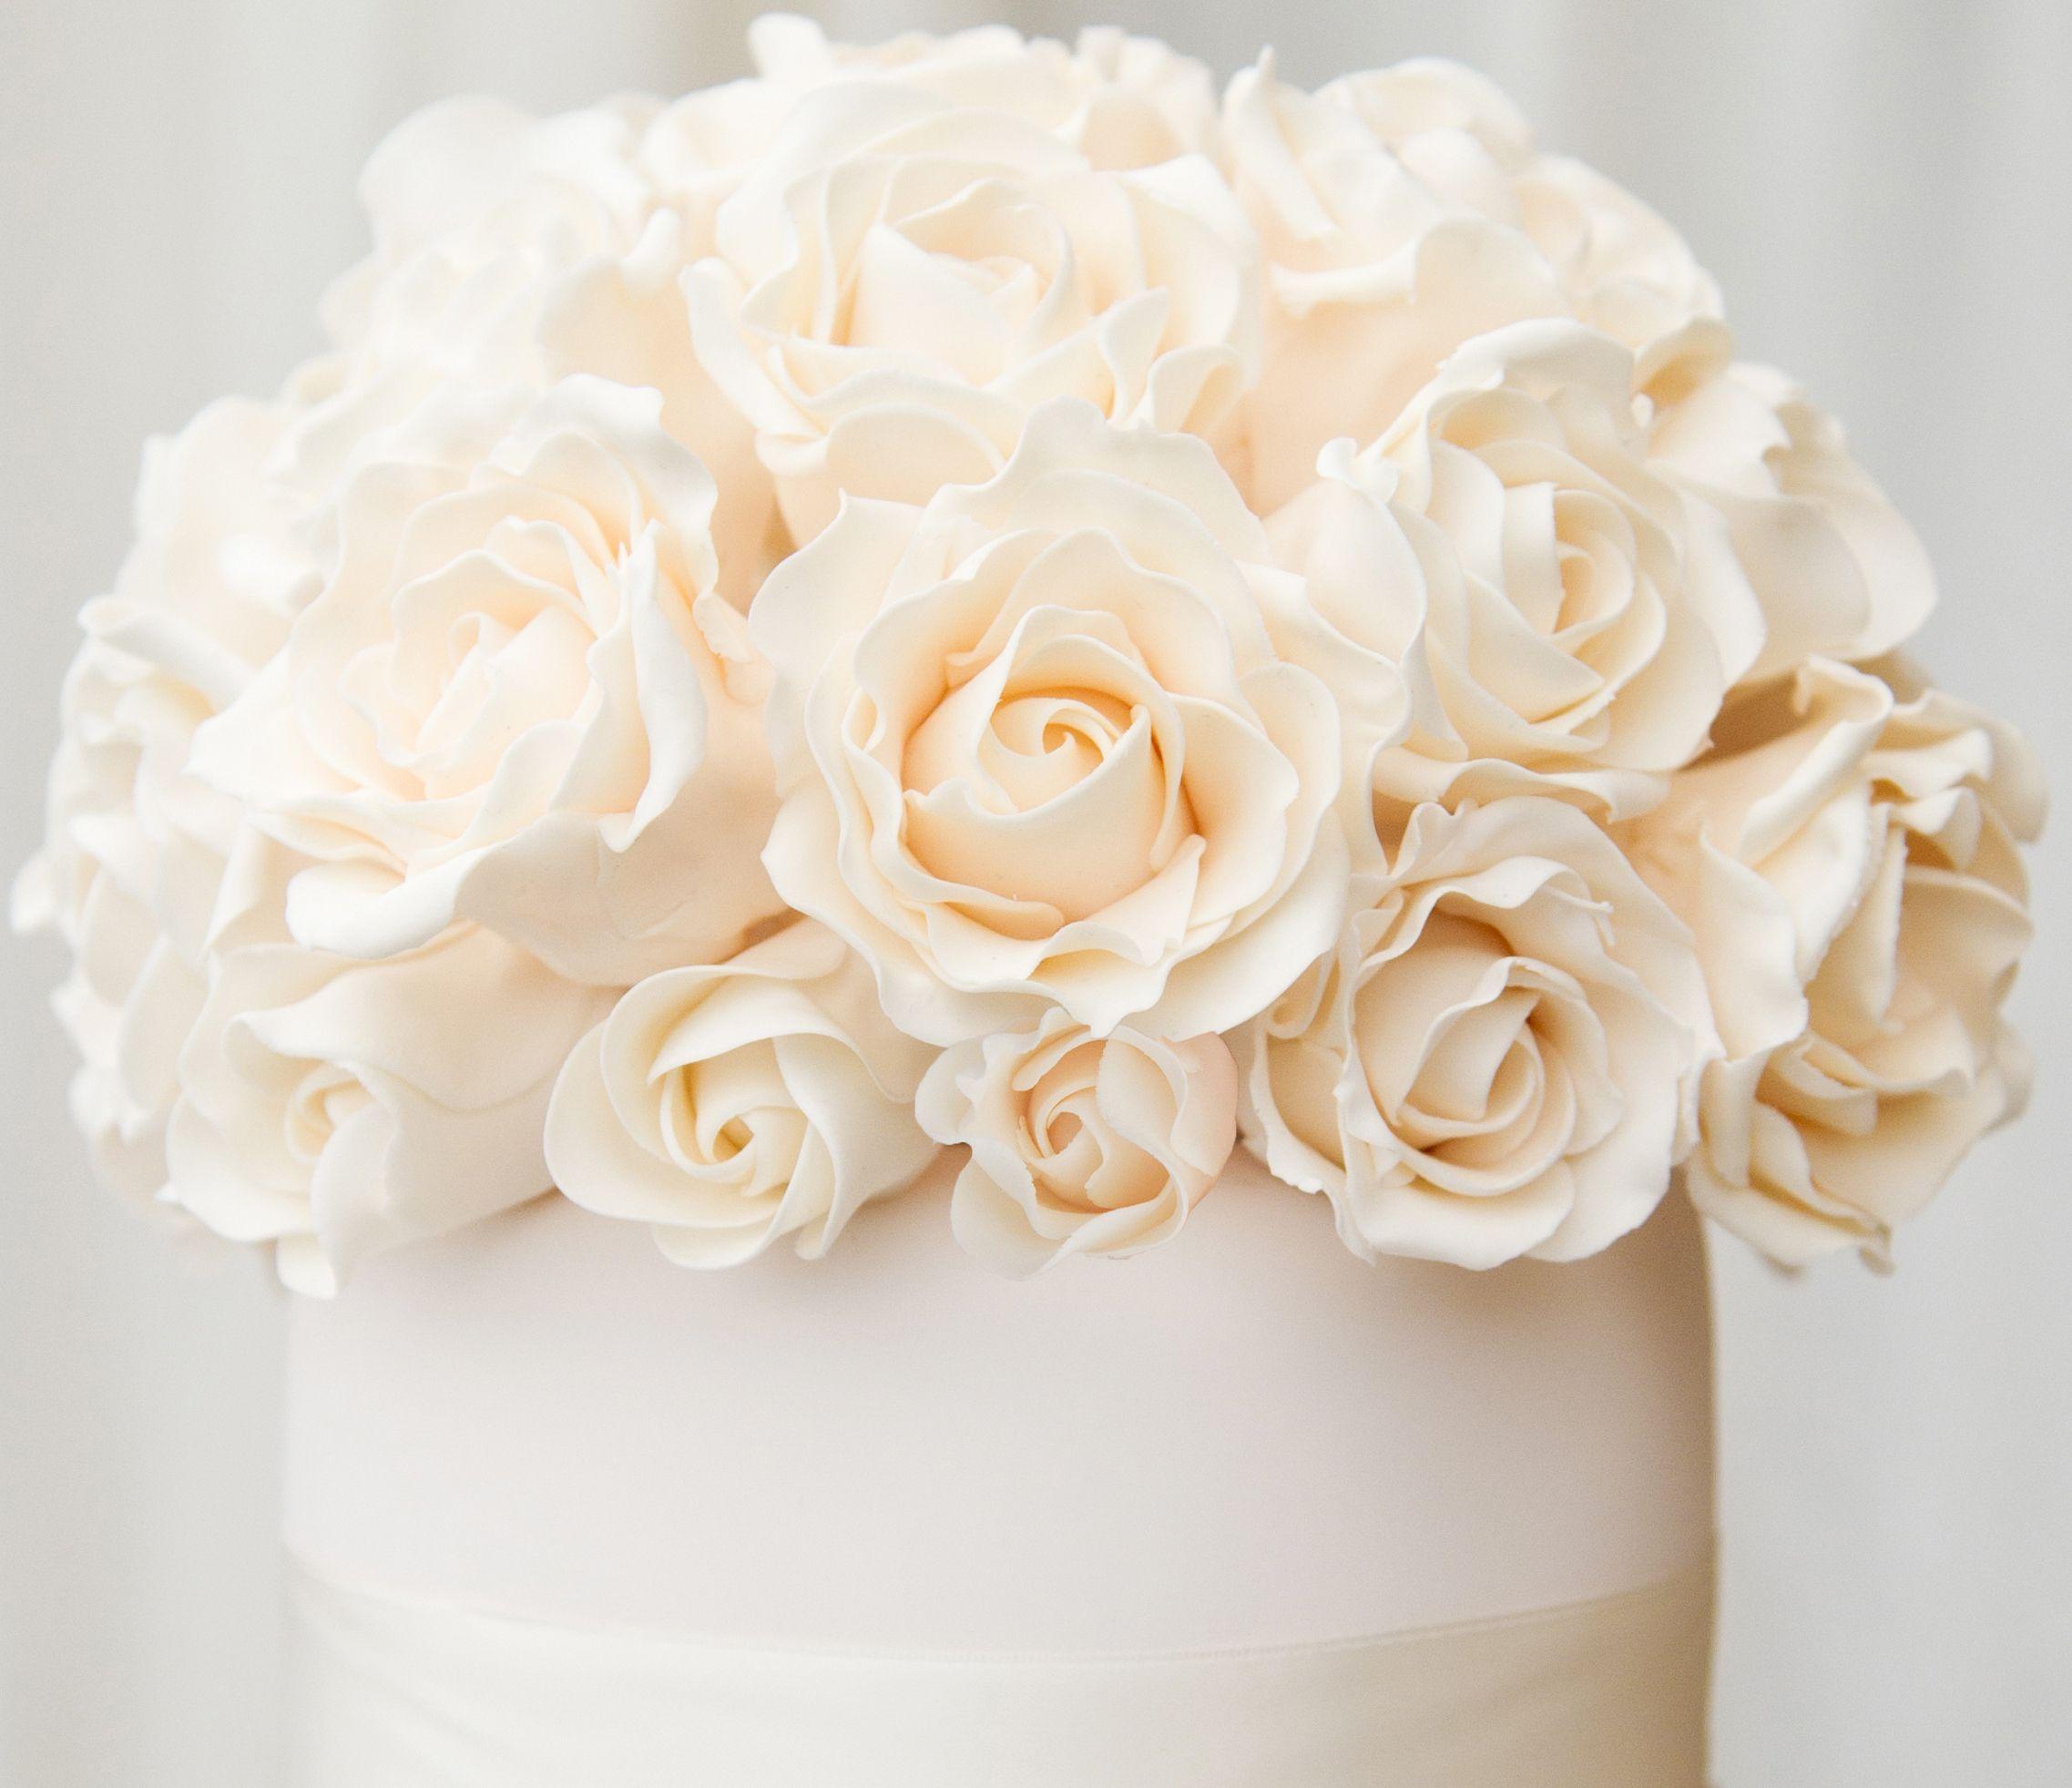 Exquisite hand made sugar roses